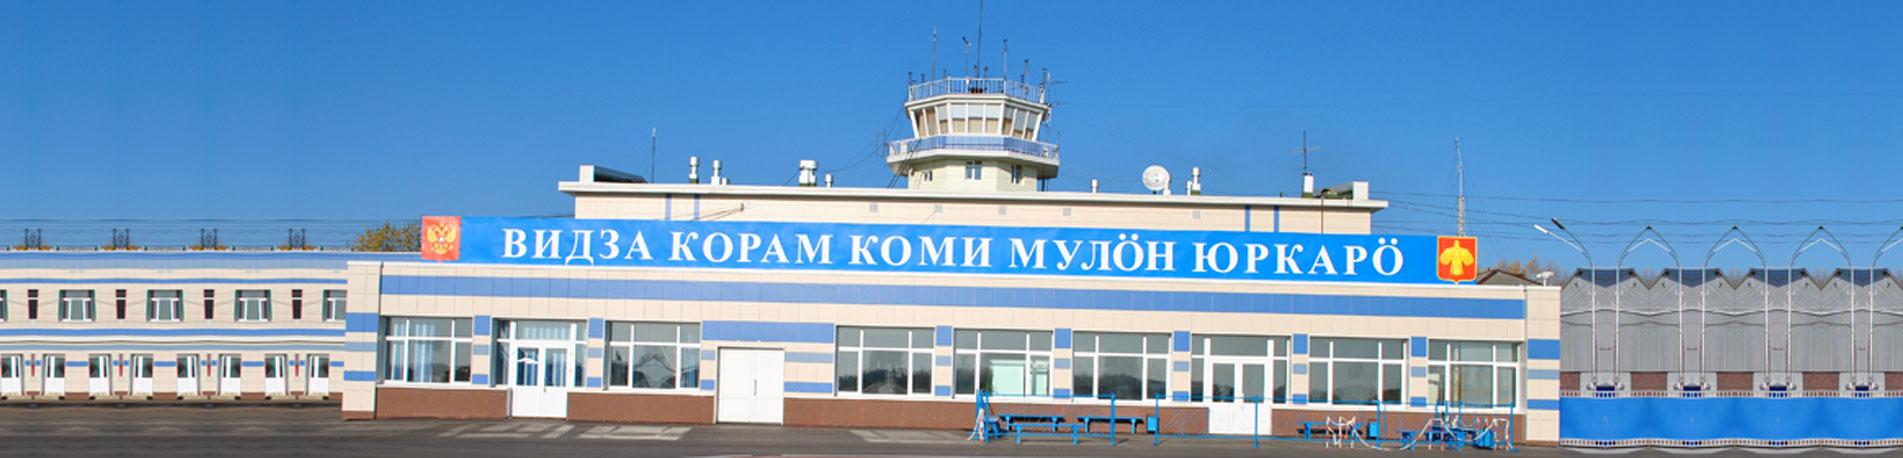 вылеты из аэропорта усинска